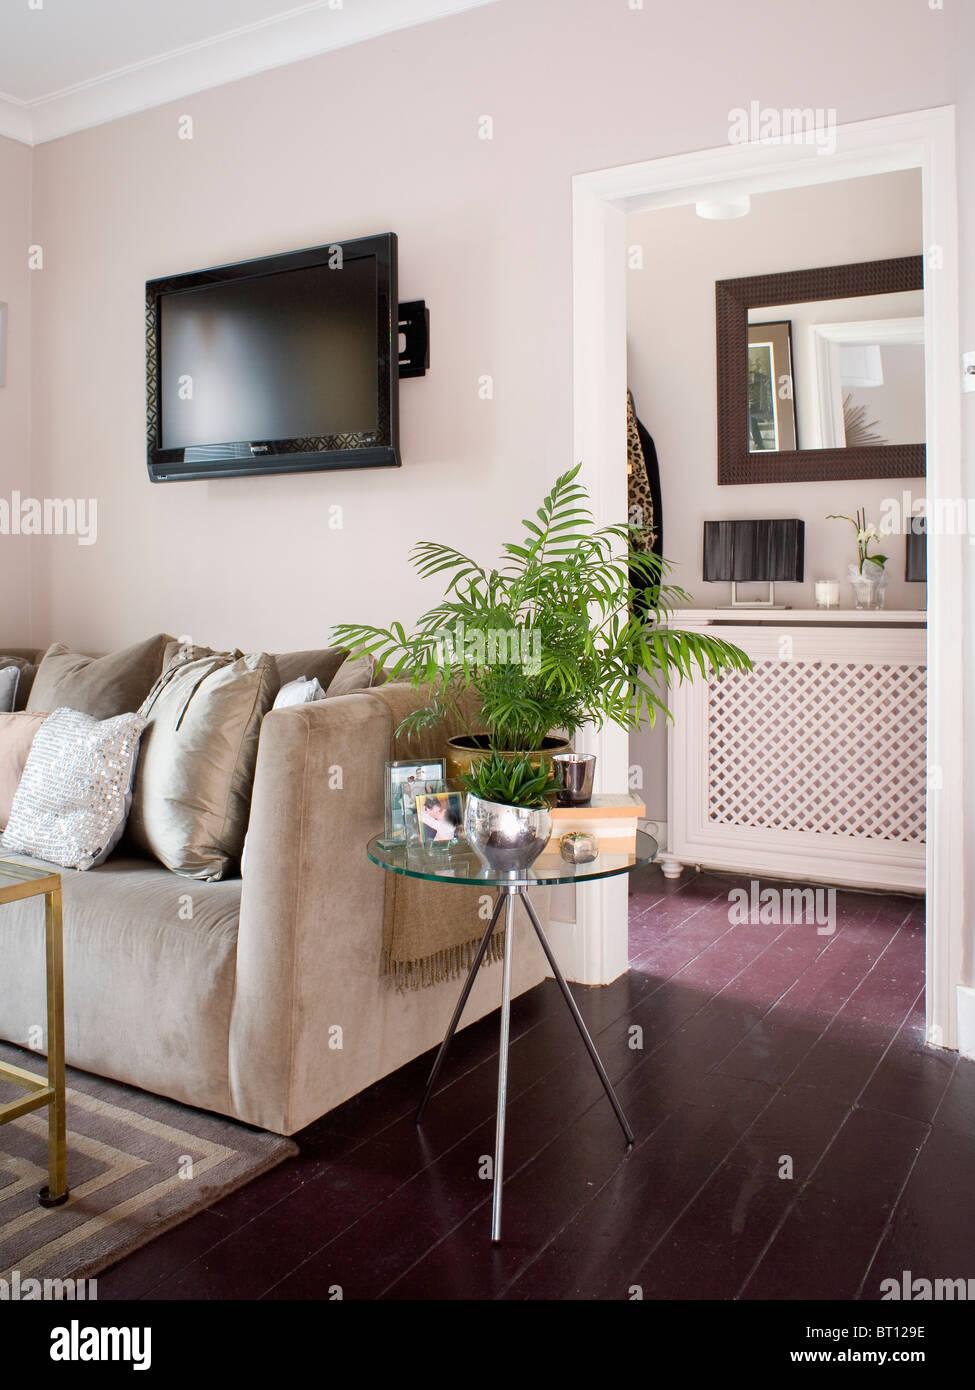 Fernsehen auf Wand über Beige Wildleder Sofa im modernen Wohnzimmer mit grünem Farn im Topf auf